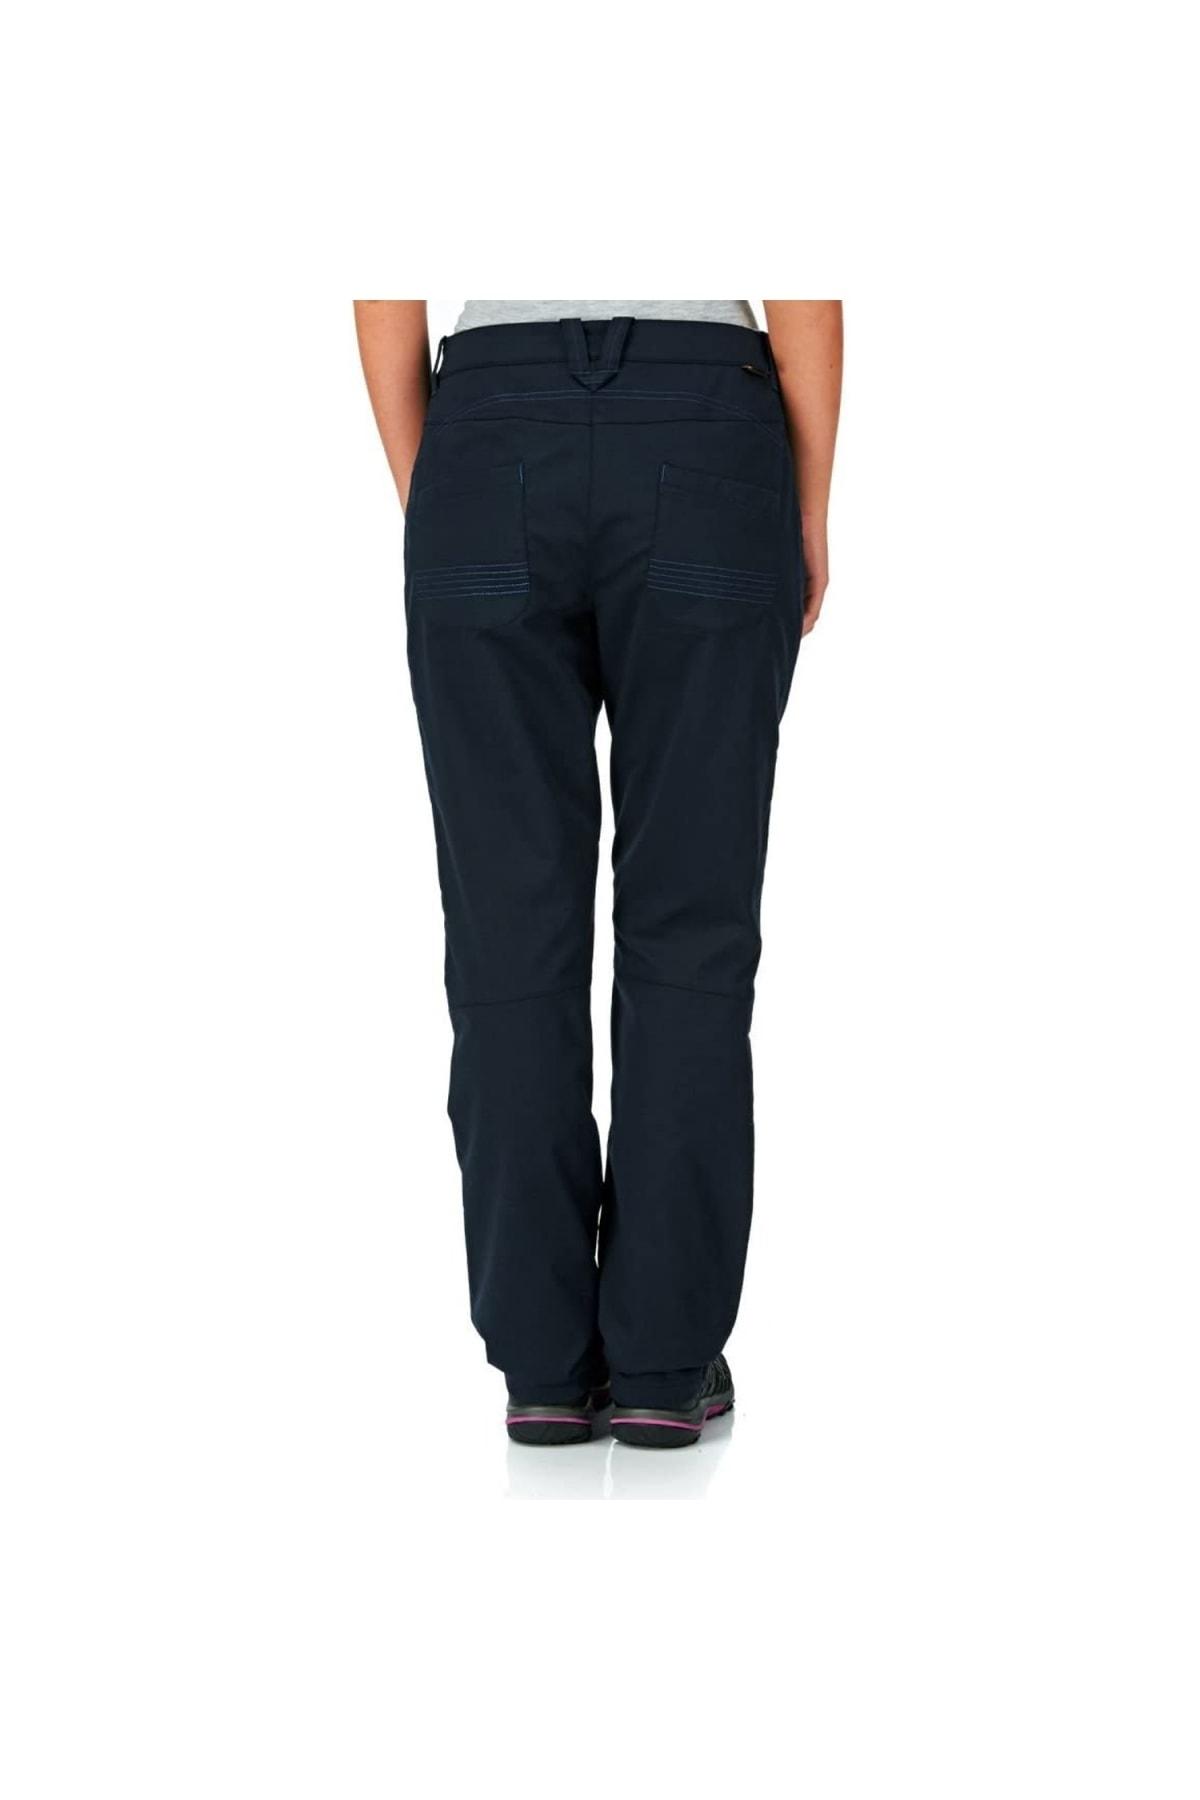 Jack Wolfskin Kadın Manitoba Winter Kışlık Pantolon 1502351 2